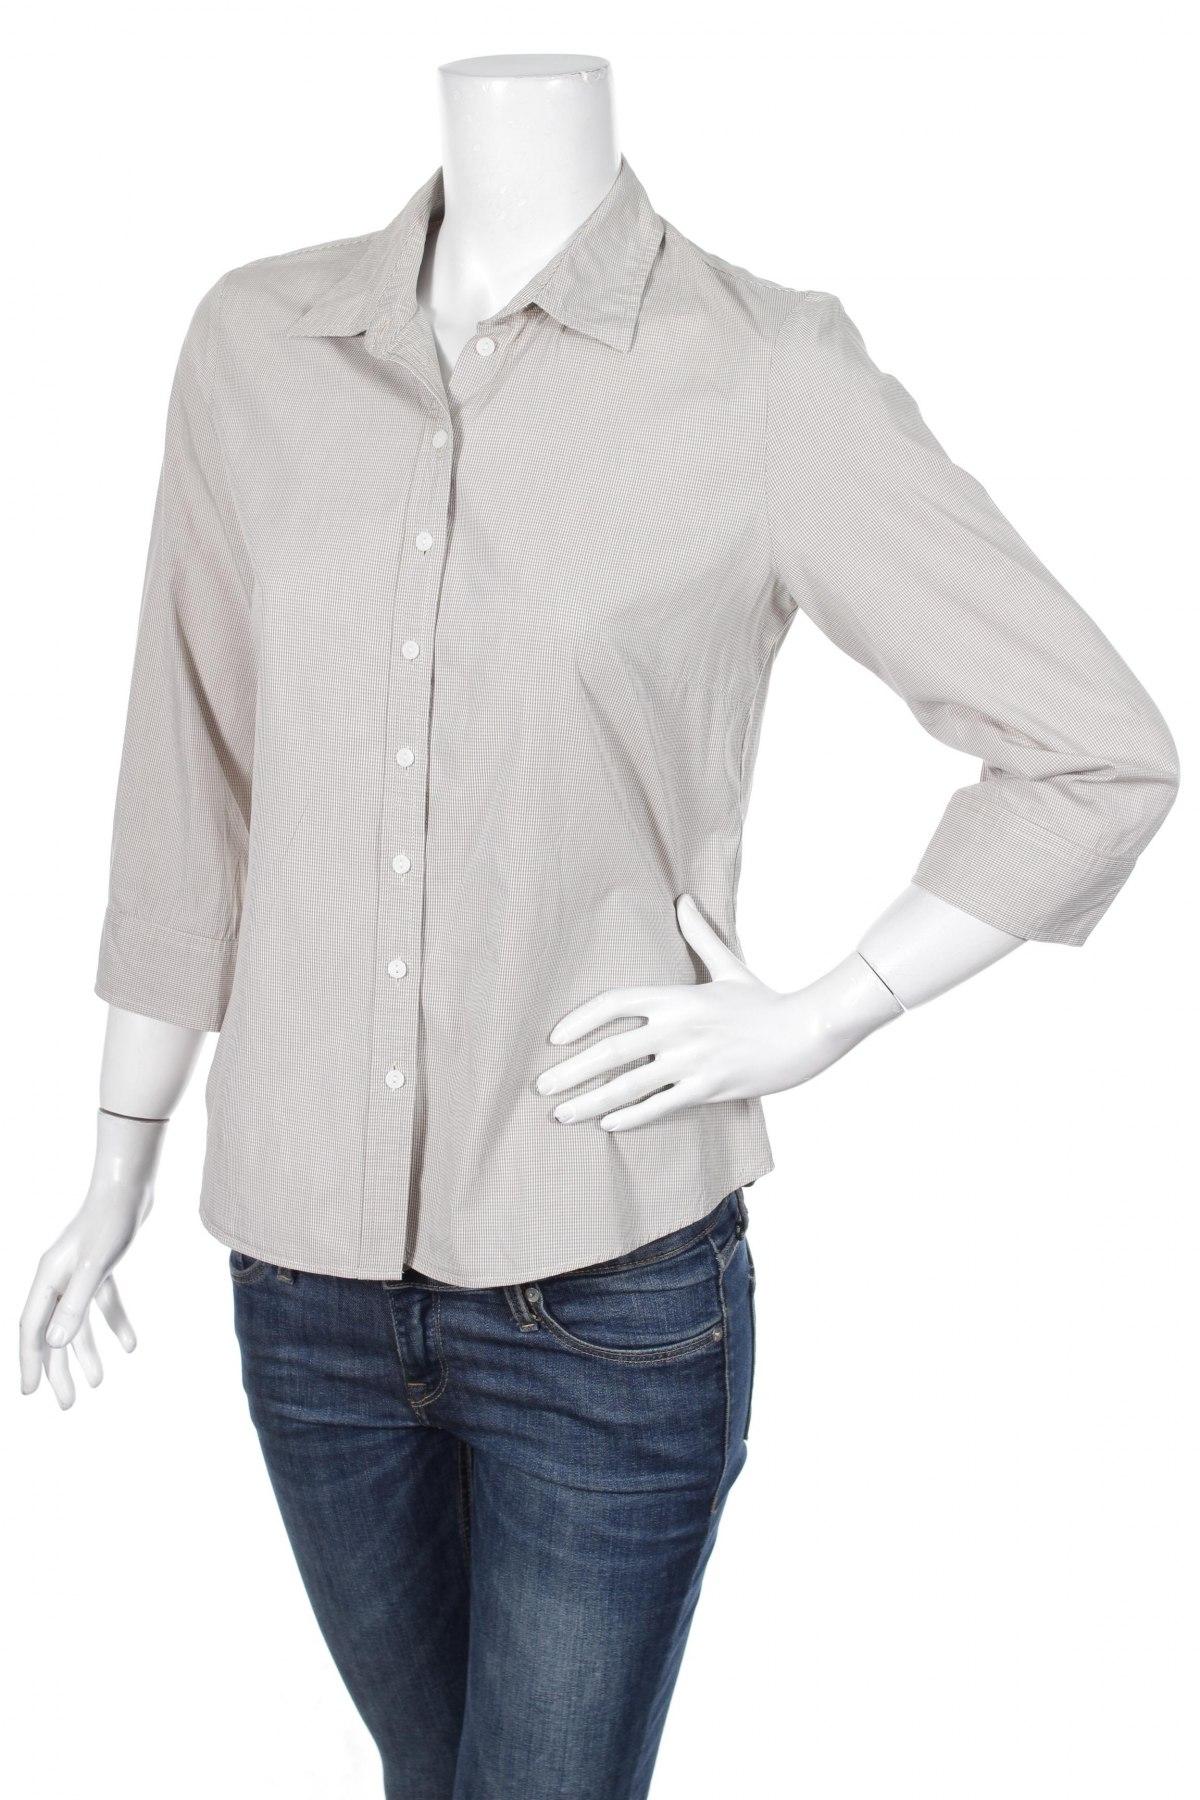 Γυναικείο πουκάμισο More & More, Μέγεθος M, Χρώμα  Μπέζ, 100% βαμβάκι, Τιμή 15,46€